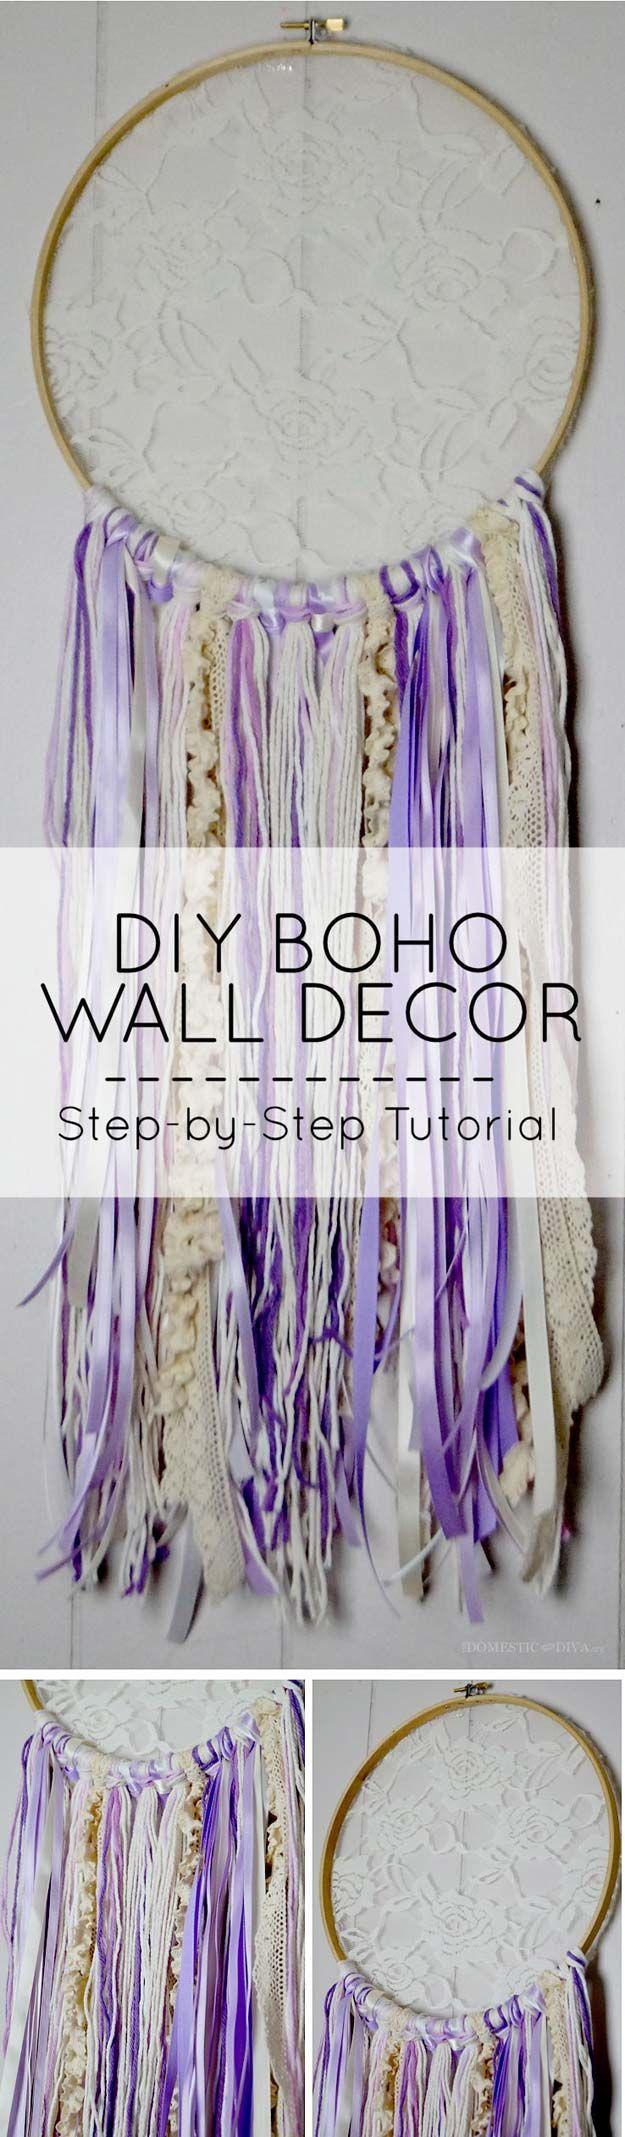 DIY Purple Room Decor - DIY Boho decoración de la pared - Mejores Ideas dormitorio y Proyectos en púrpura - accesorios de moda, manualidades, arte de la pared, lámparas, alfombras, almohadas para adultos, adolescentes y Girls Room http://diyprojectsforteens.com/diy-room- decoración de color púrpura